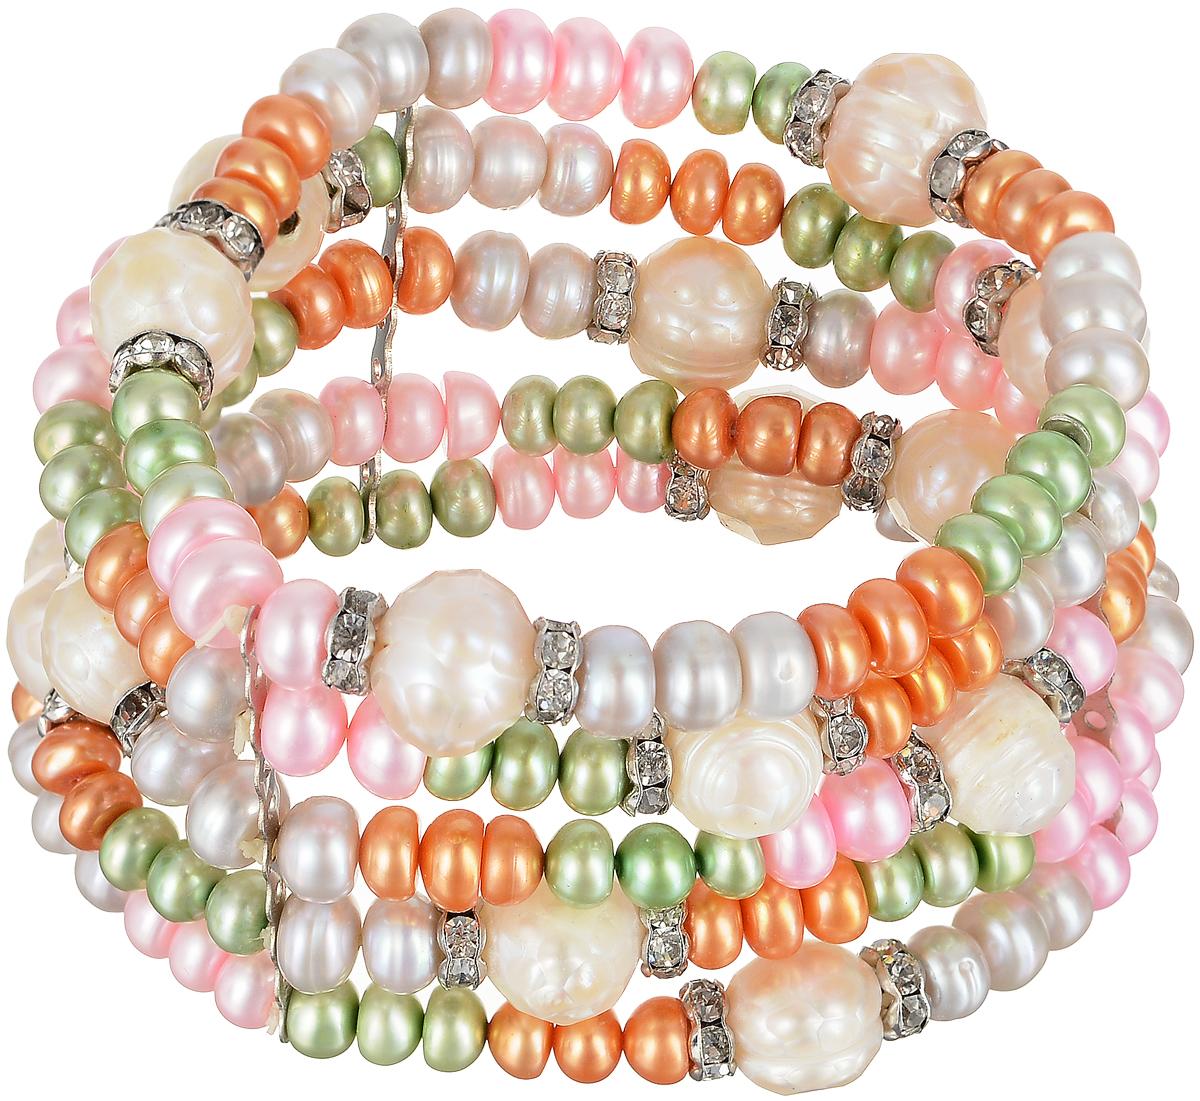 Браслет Art-Silver, цвет: белый, зеленый, розовый. B0614-770B0614-770Эффектный женский браслет Art-Silver изготовлен из бижутерного сплава, жемчуга и циркона. Этот необычный и стильный браслет отлично разбавит ваш повседневный образ, добавит в него изюминку. С помощью него вы сможете подчеркнуть свою индивидуальность и выделиться среди окружающих.